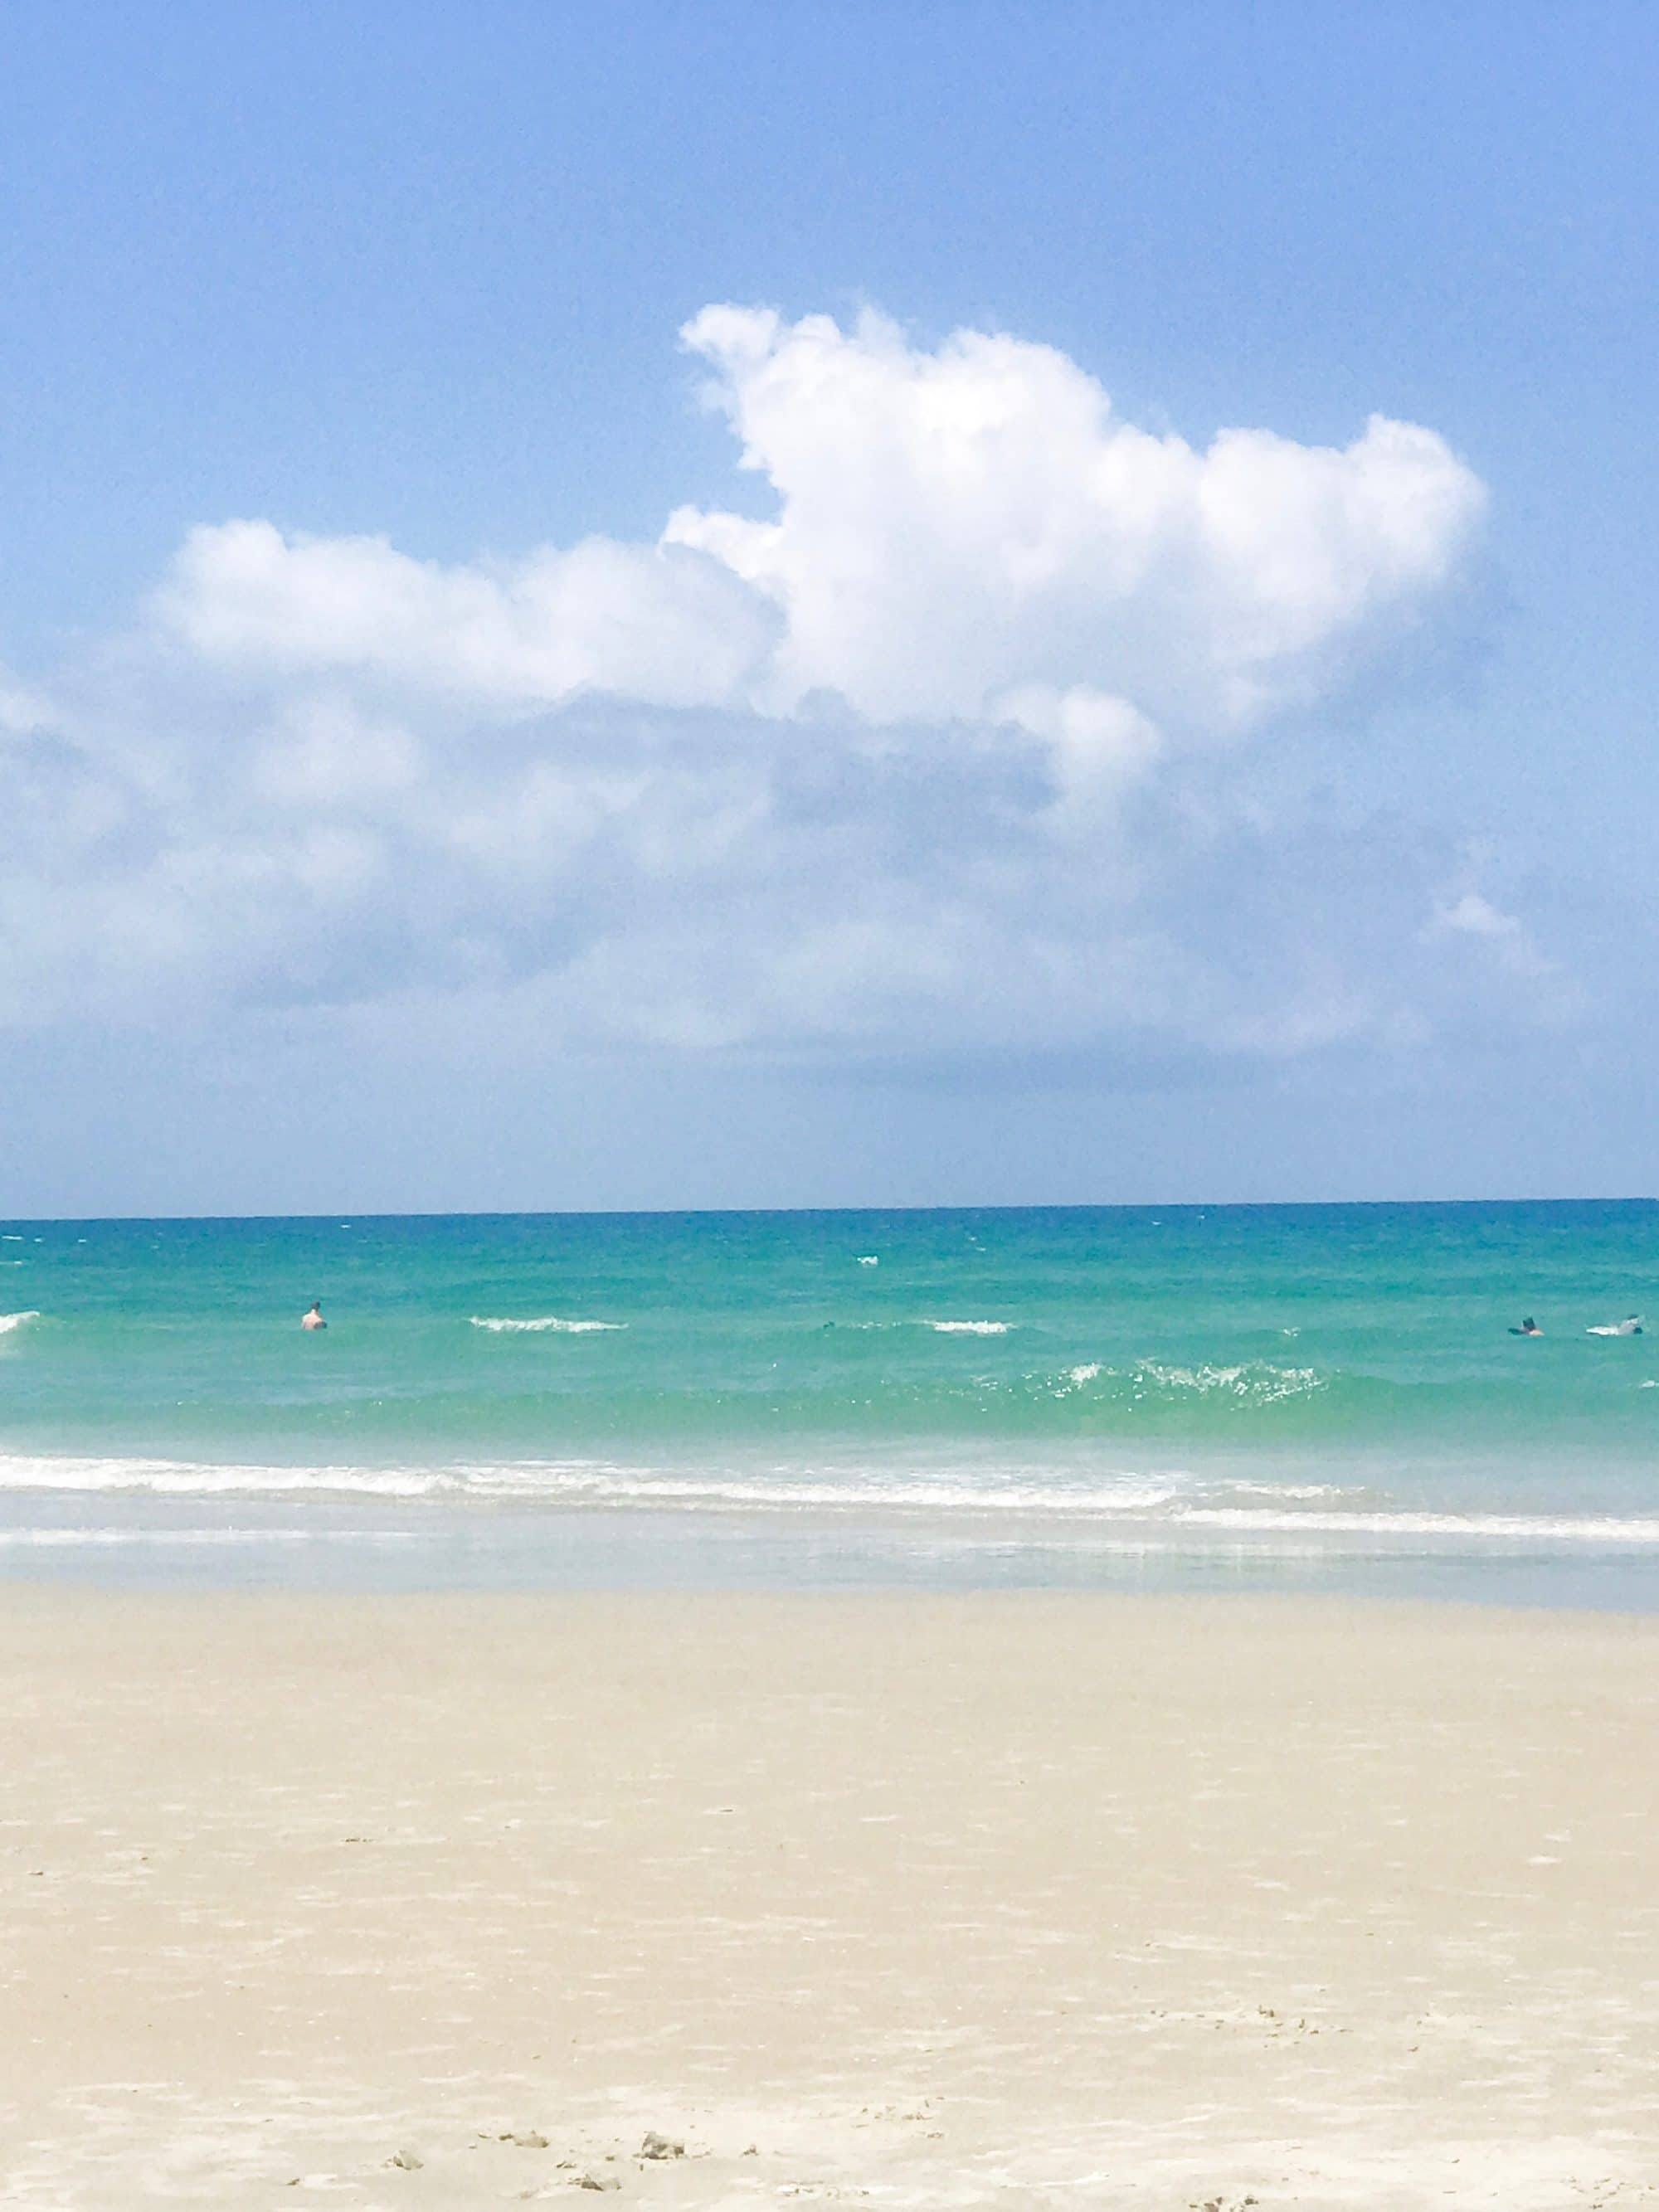 A drive in Daytona beach, photography in Daytona beach